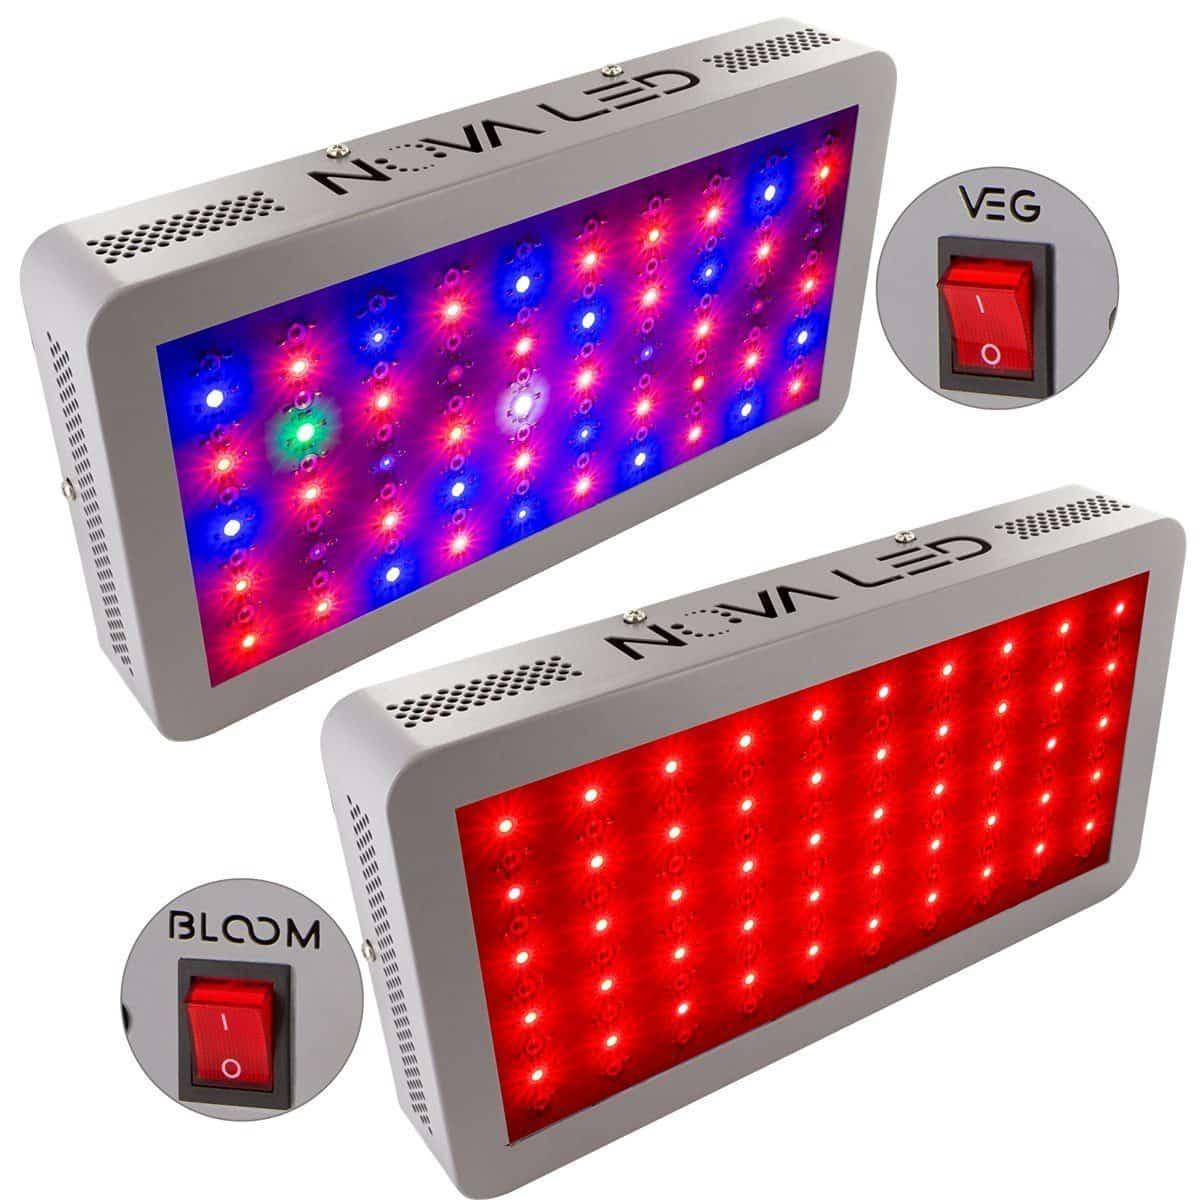 Ultimate LED Grow Light - Nova N300S Full Spectrum 300w Review